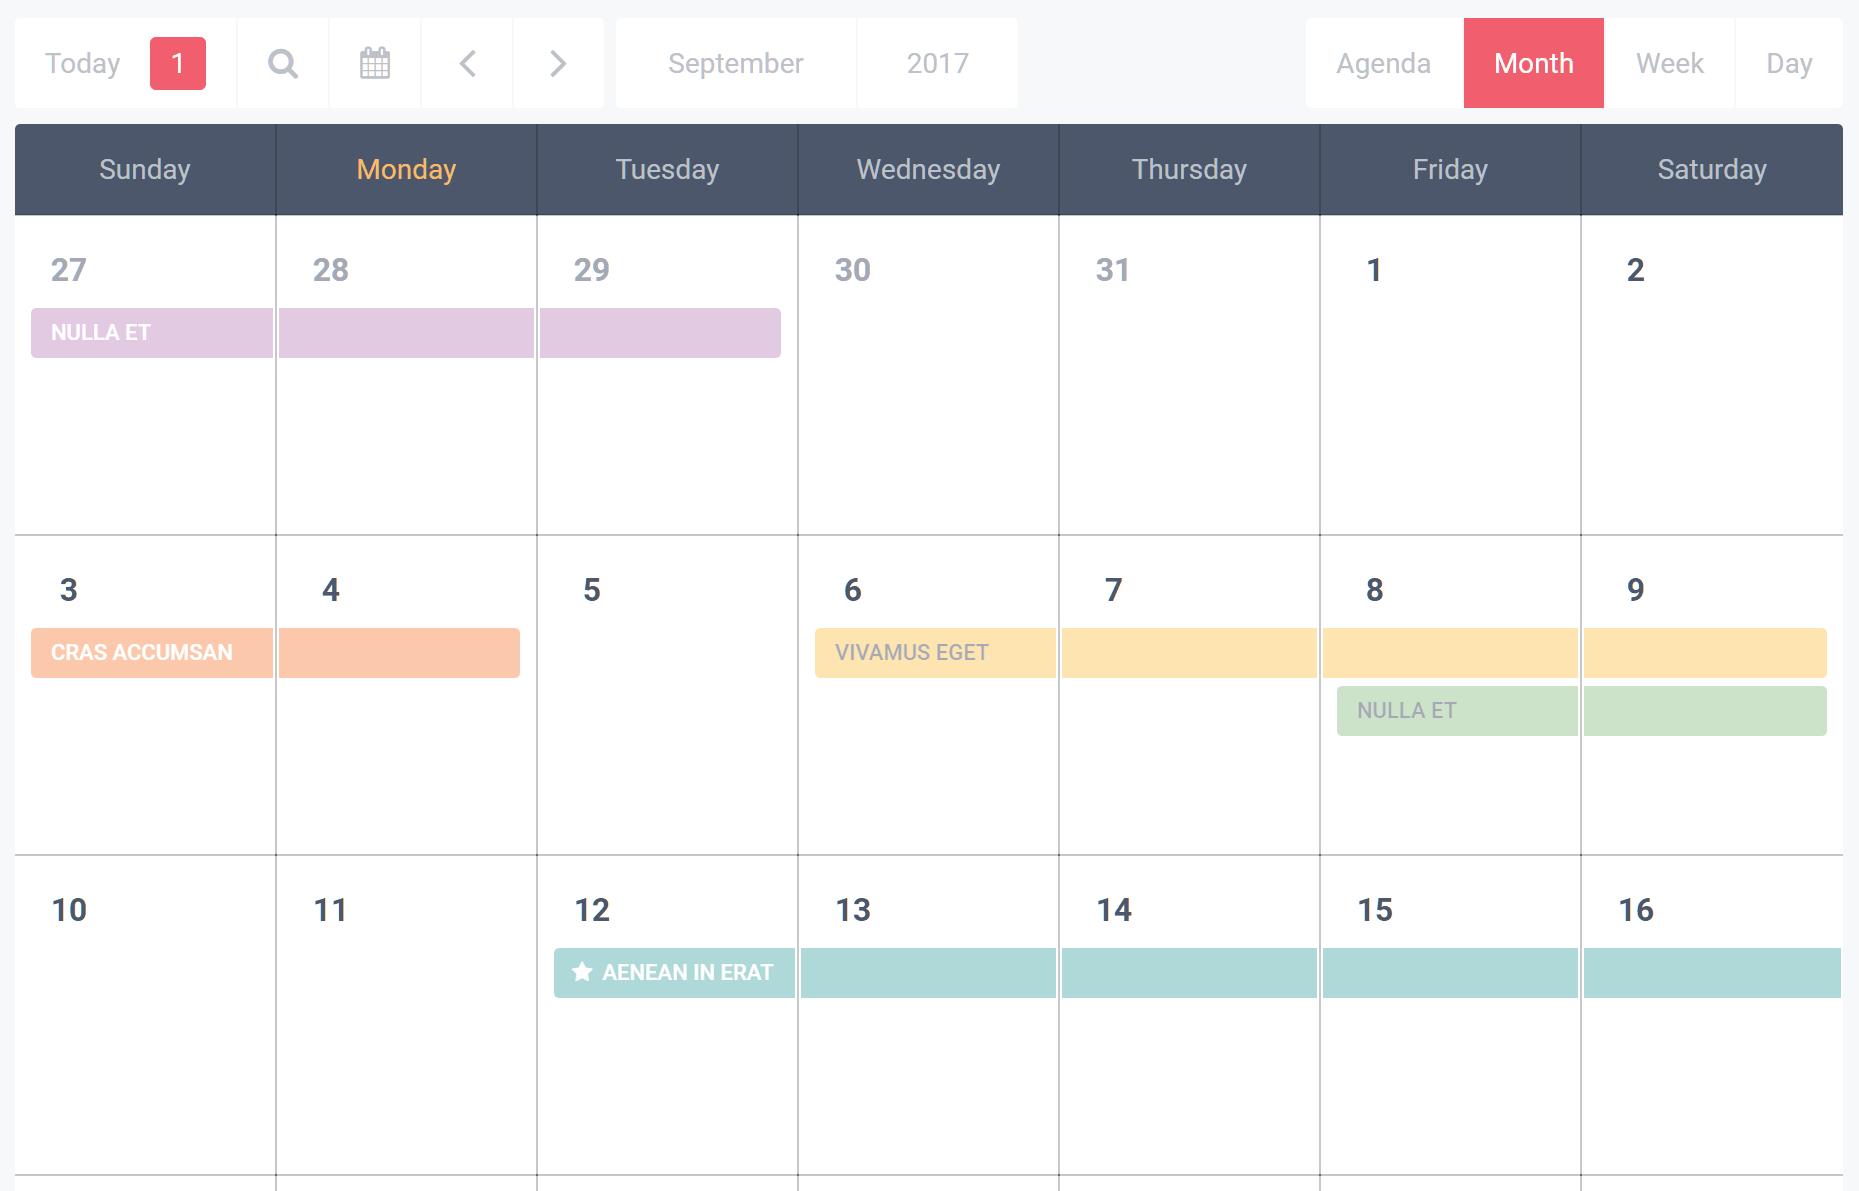 Calendar Month View